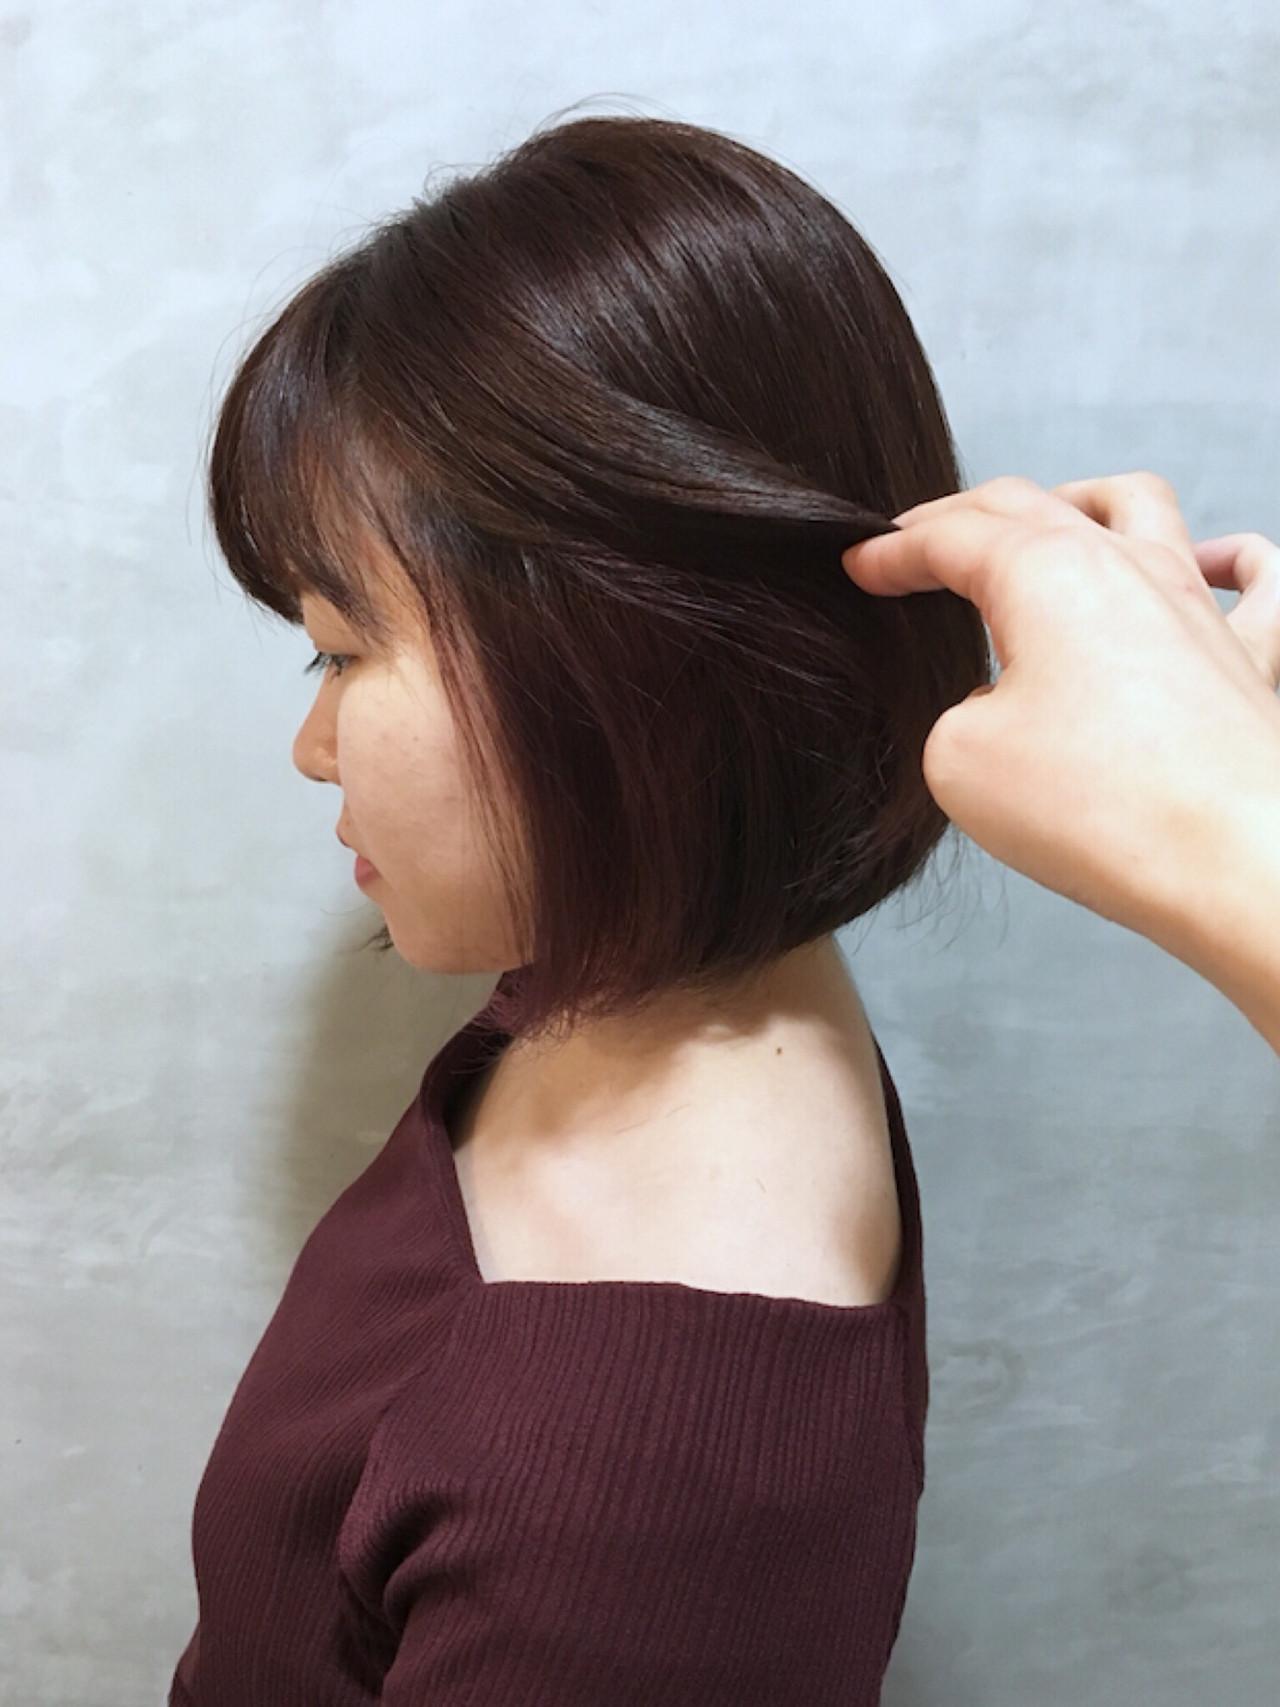 ピンク インナーカラー 前下がりボブ ピンクパープル ヘアスタイルや髪型の写真・画像 | Yumi Hiramatsu / Sourire Imaizumi【スーリール イマイズミ】